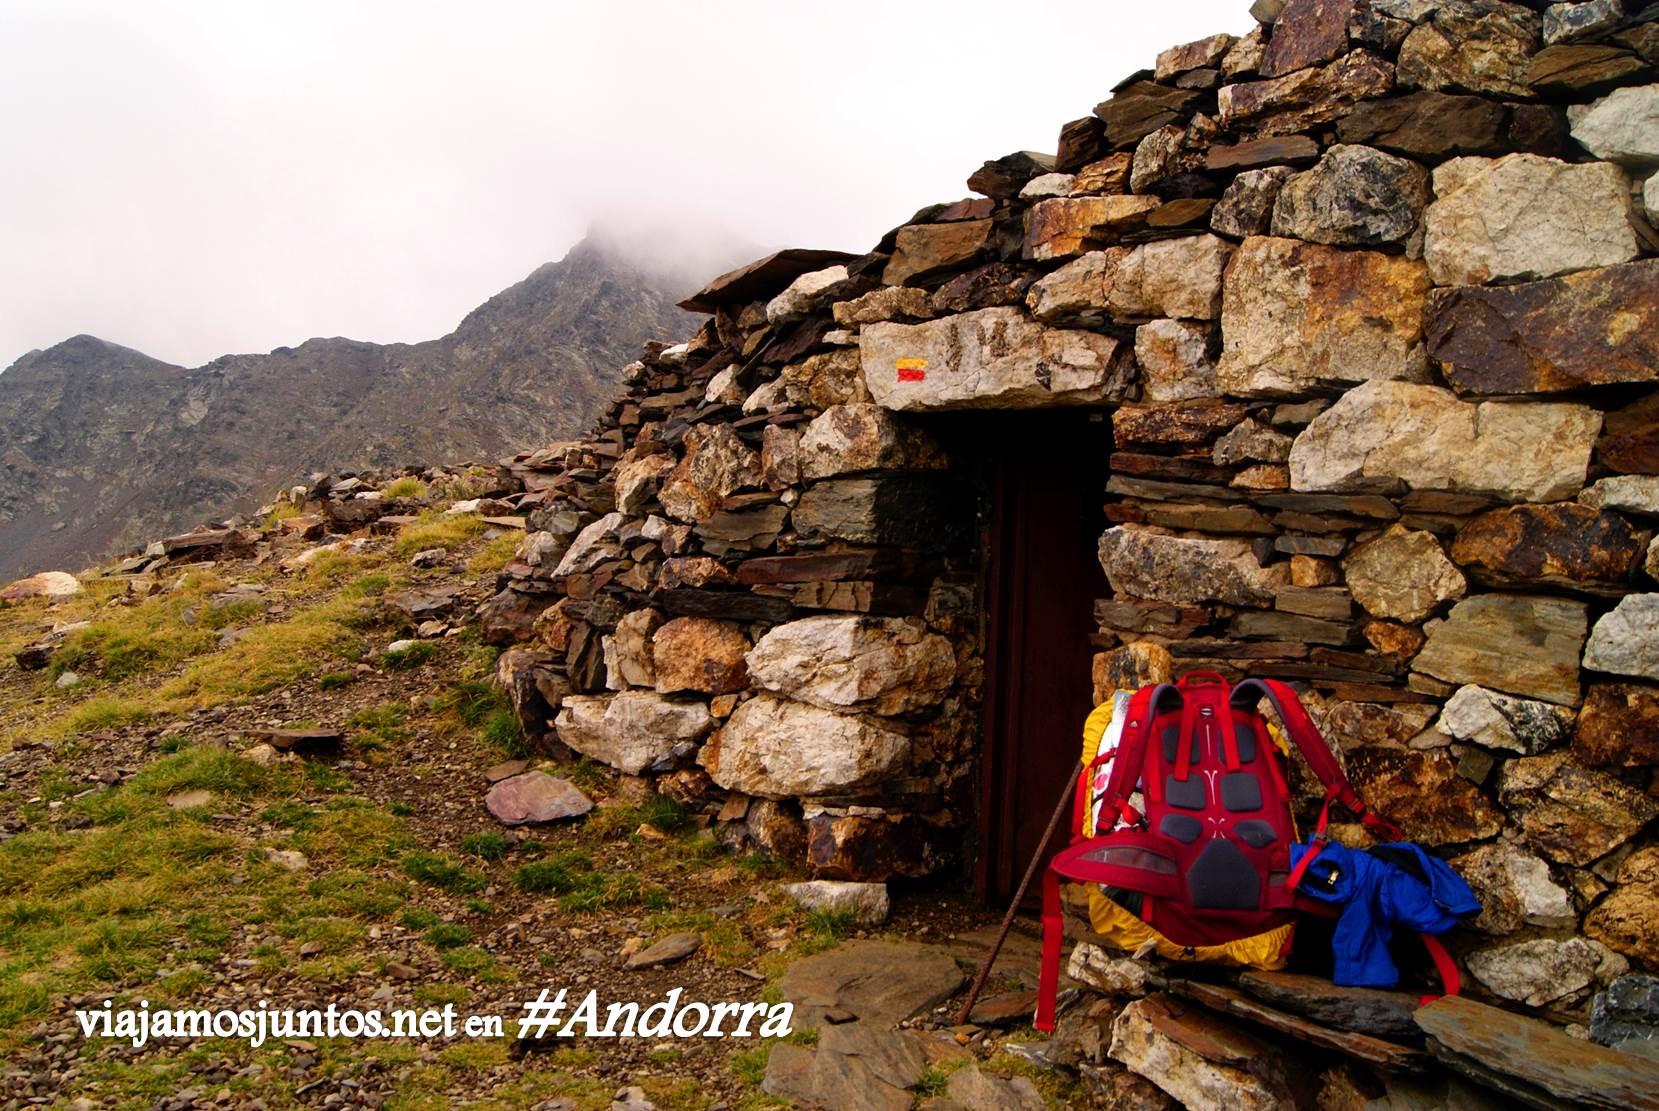 GRP de Andorra, trekking por los Pirineos Orientales; cabaña para refugiarse en caso de emergencia